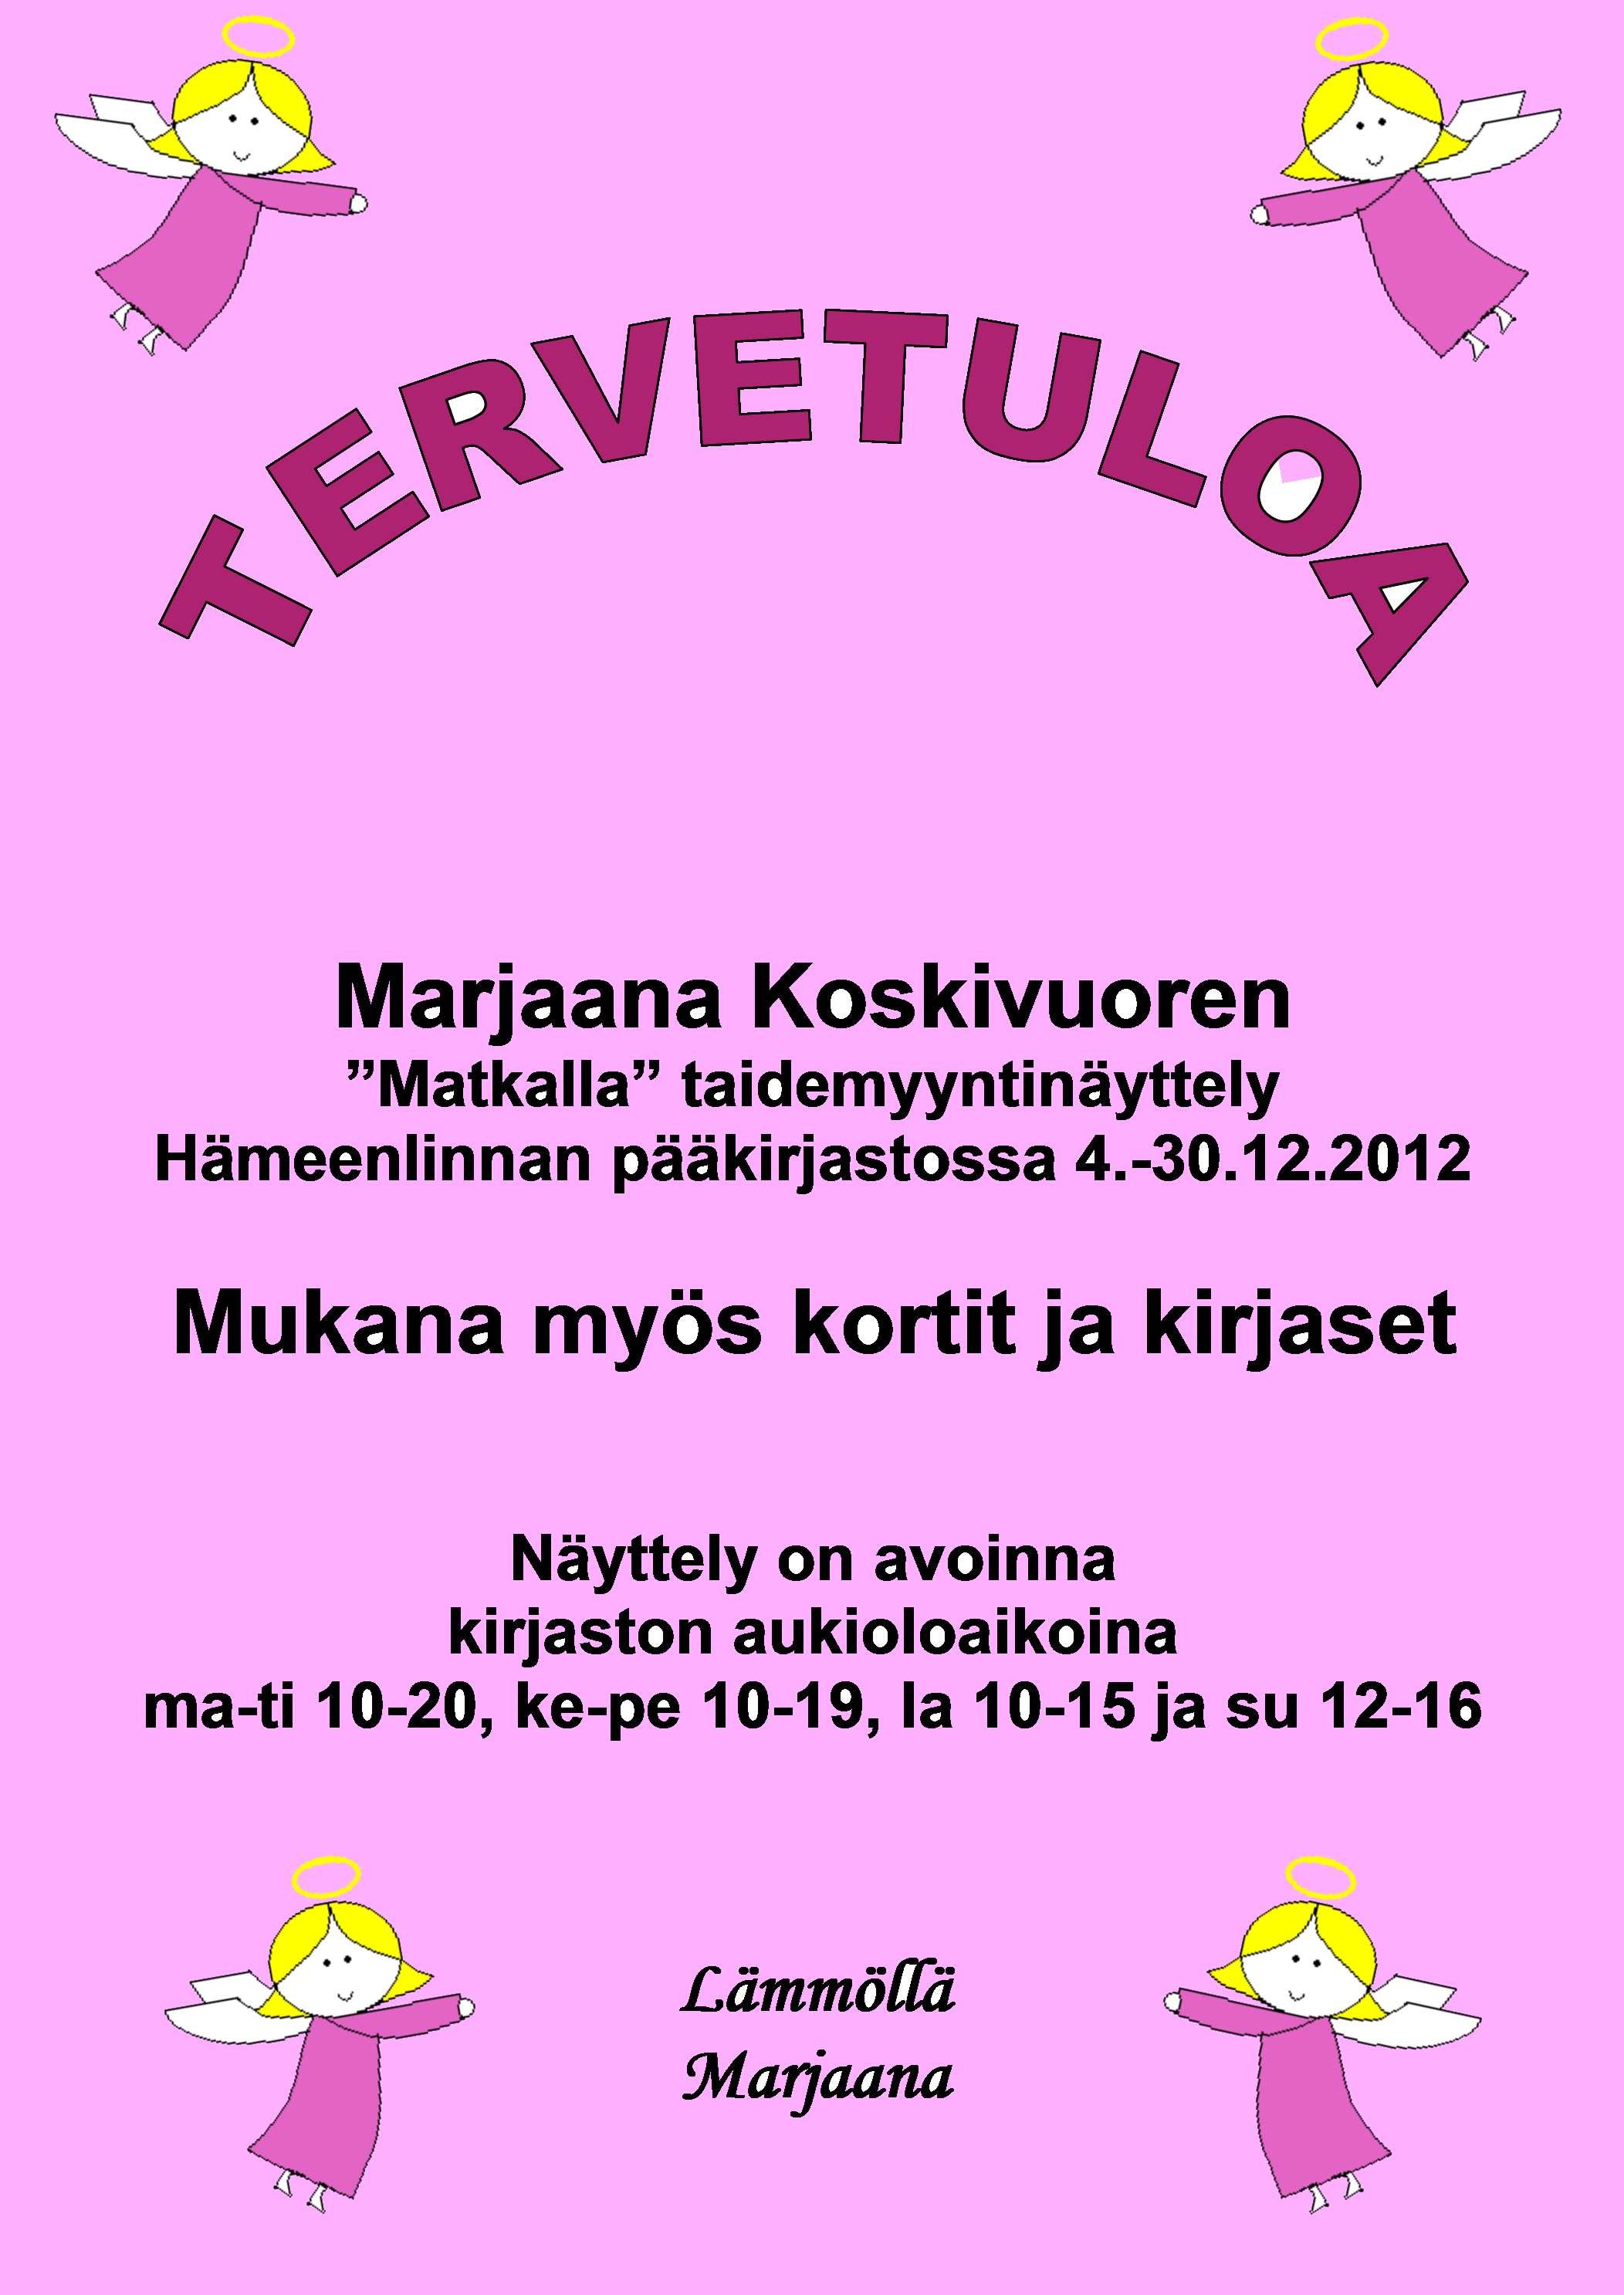 esite_nyttelyyni_kirjastoon_4-30.12.2012_kuva